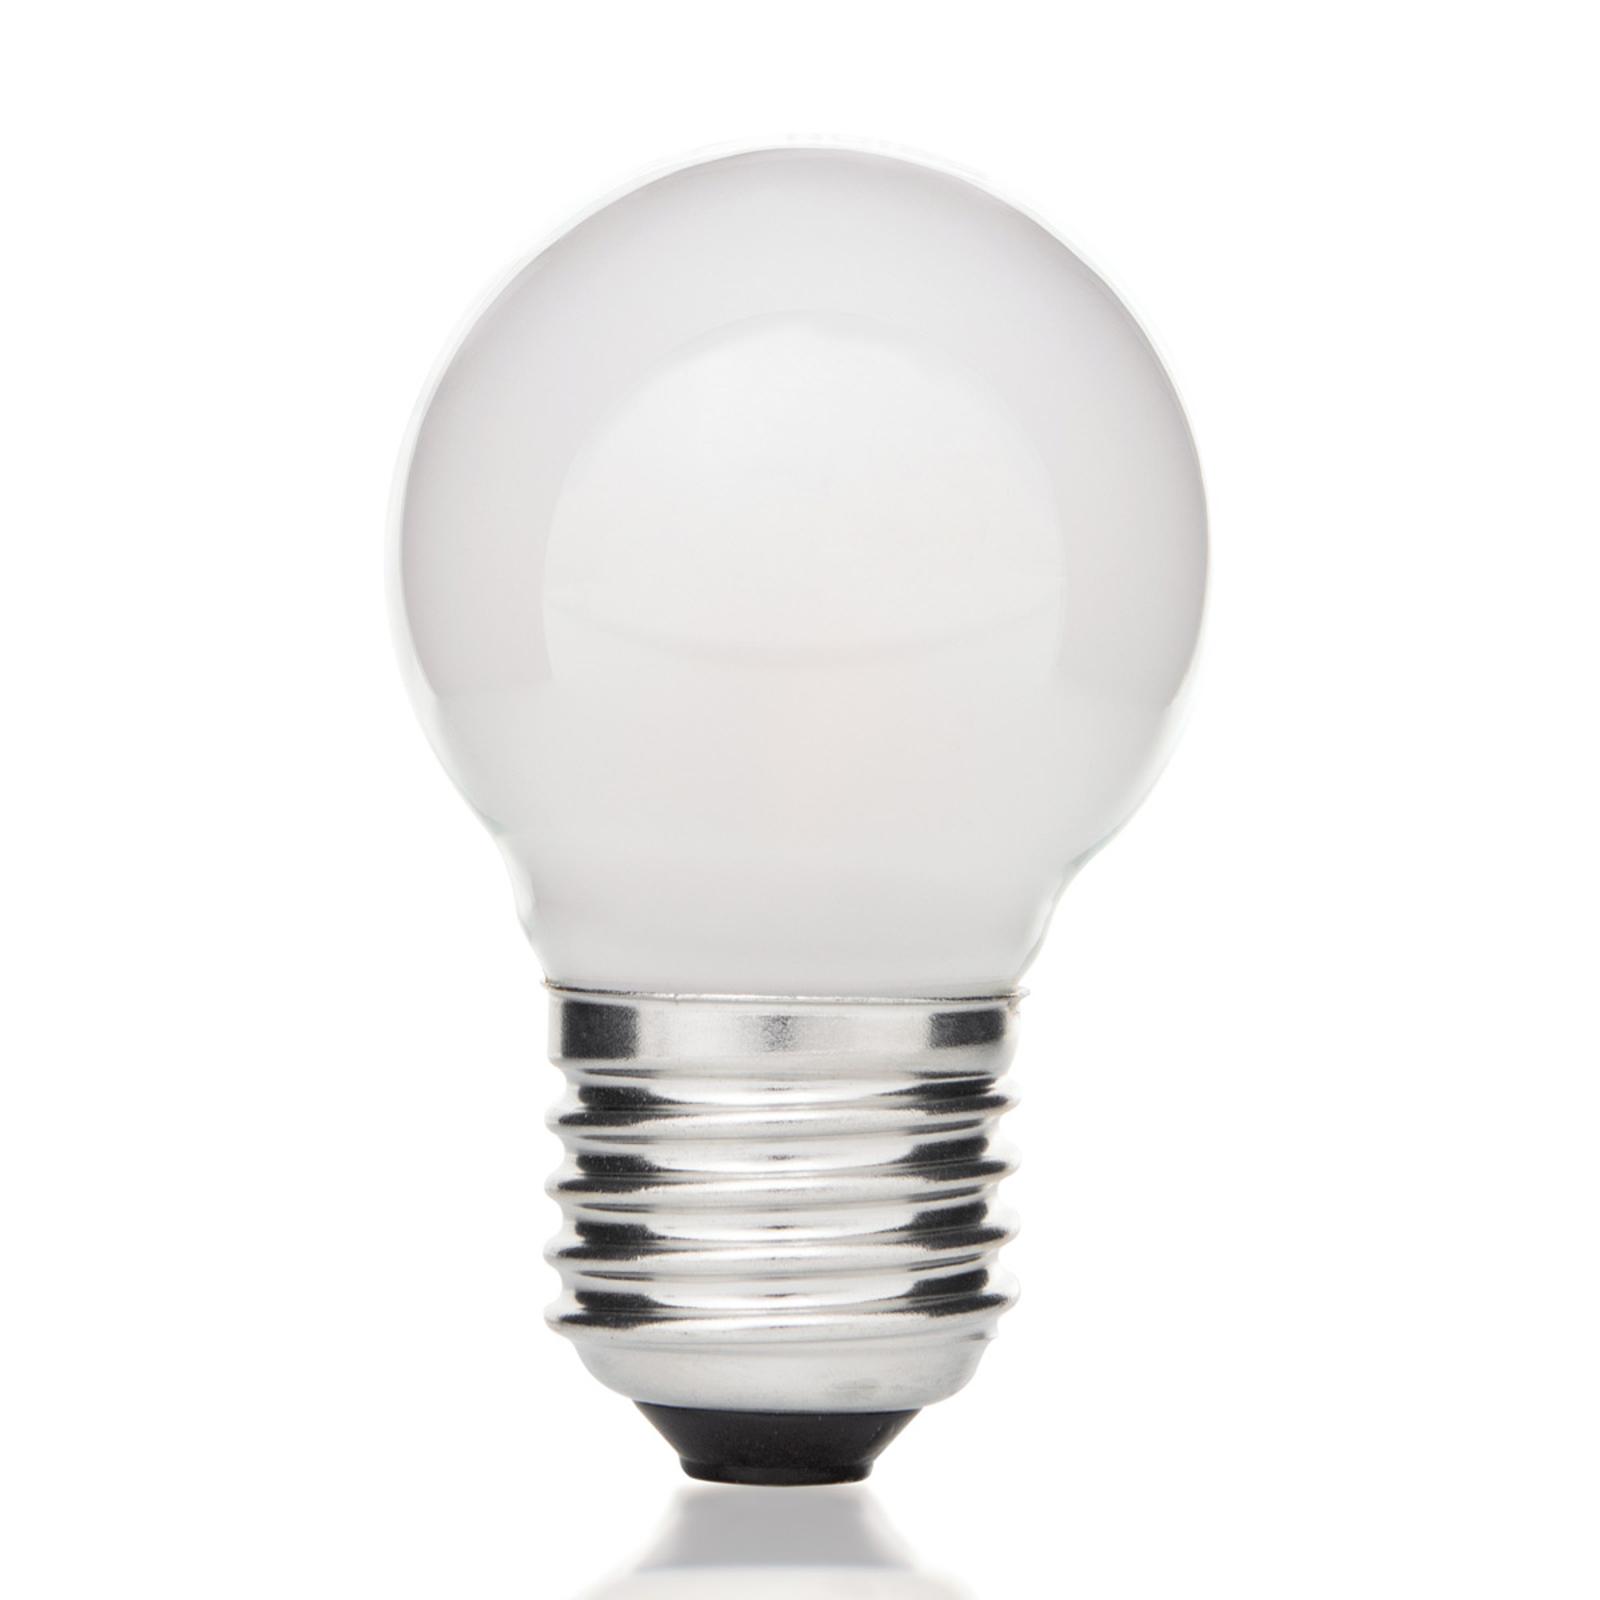 Lampadina LED a goccia E27 4W 827, interno opaco